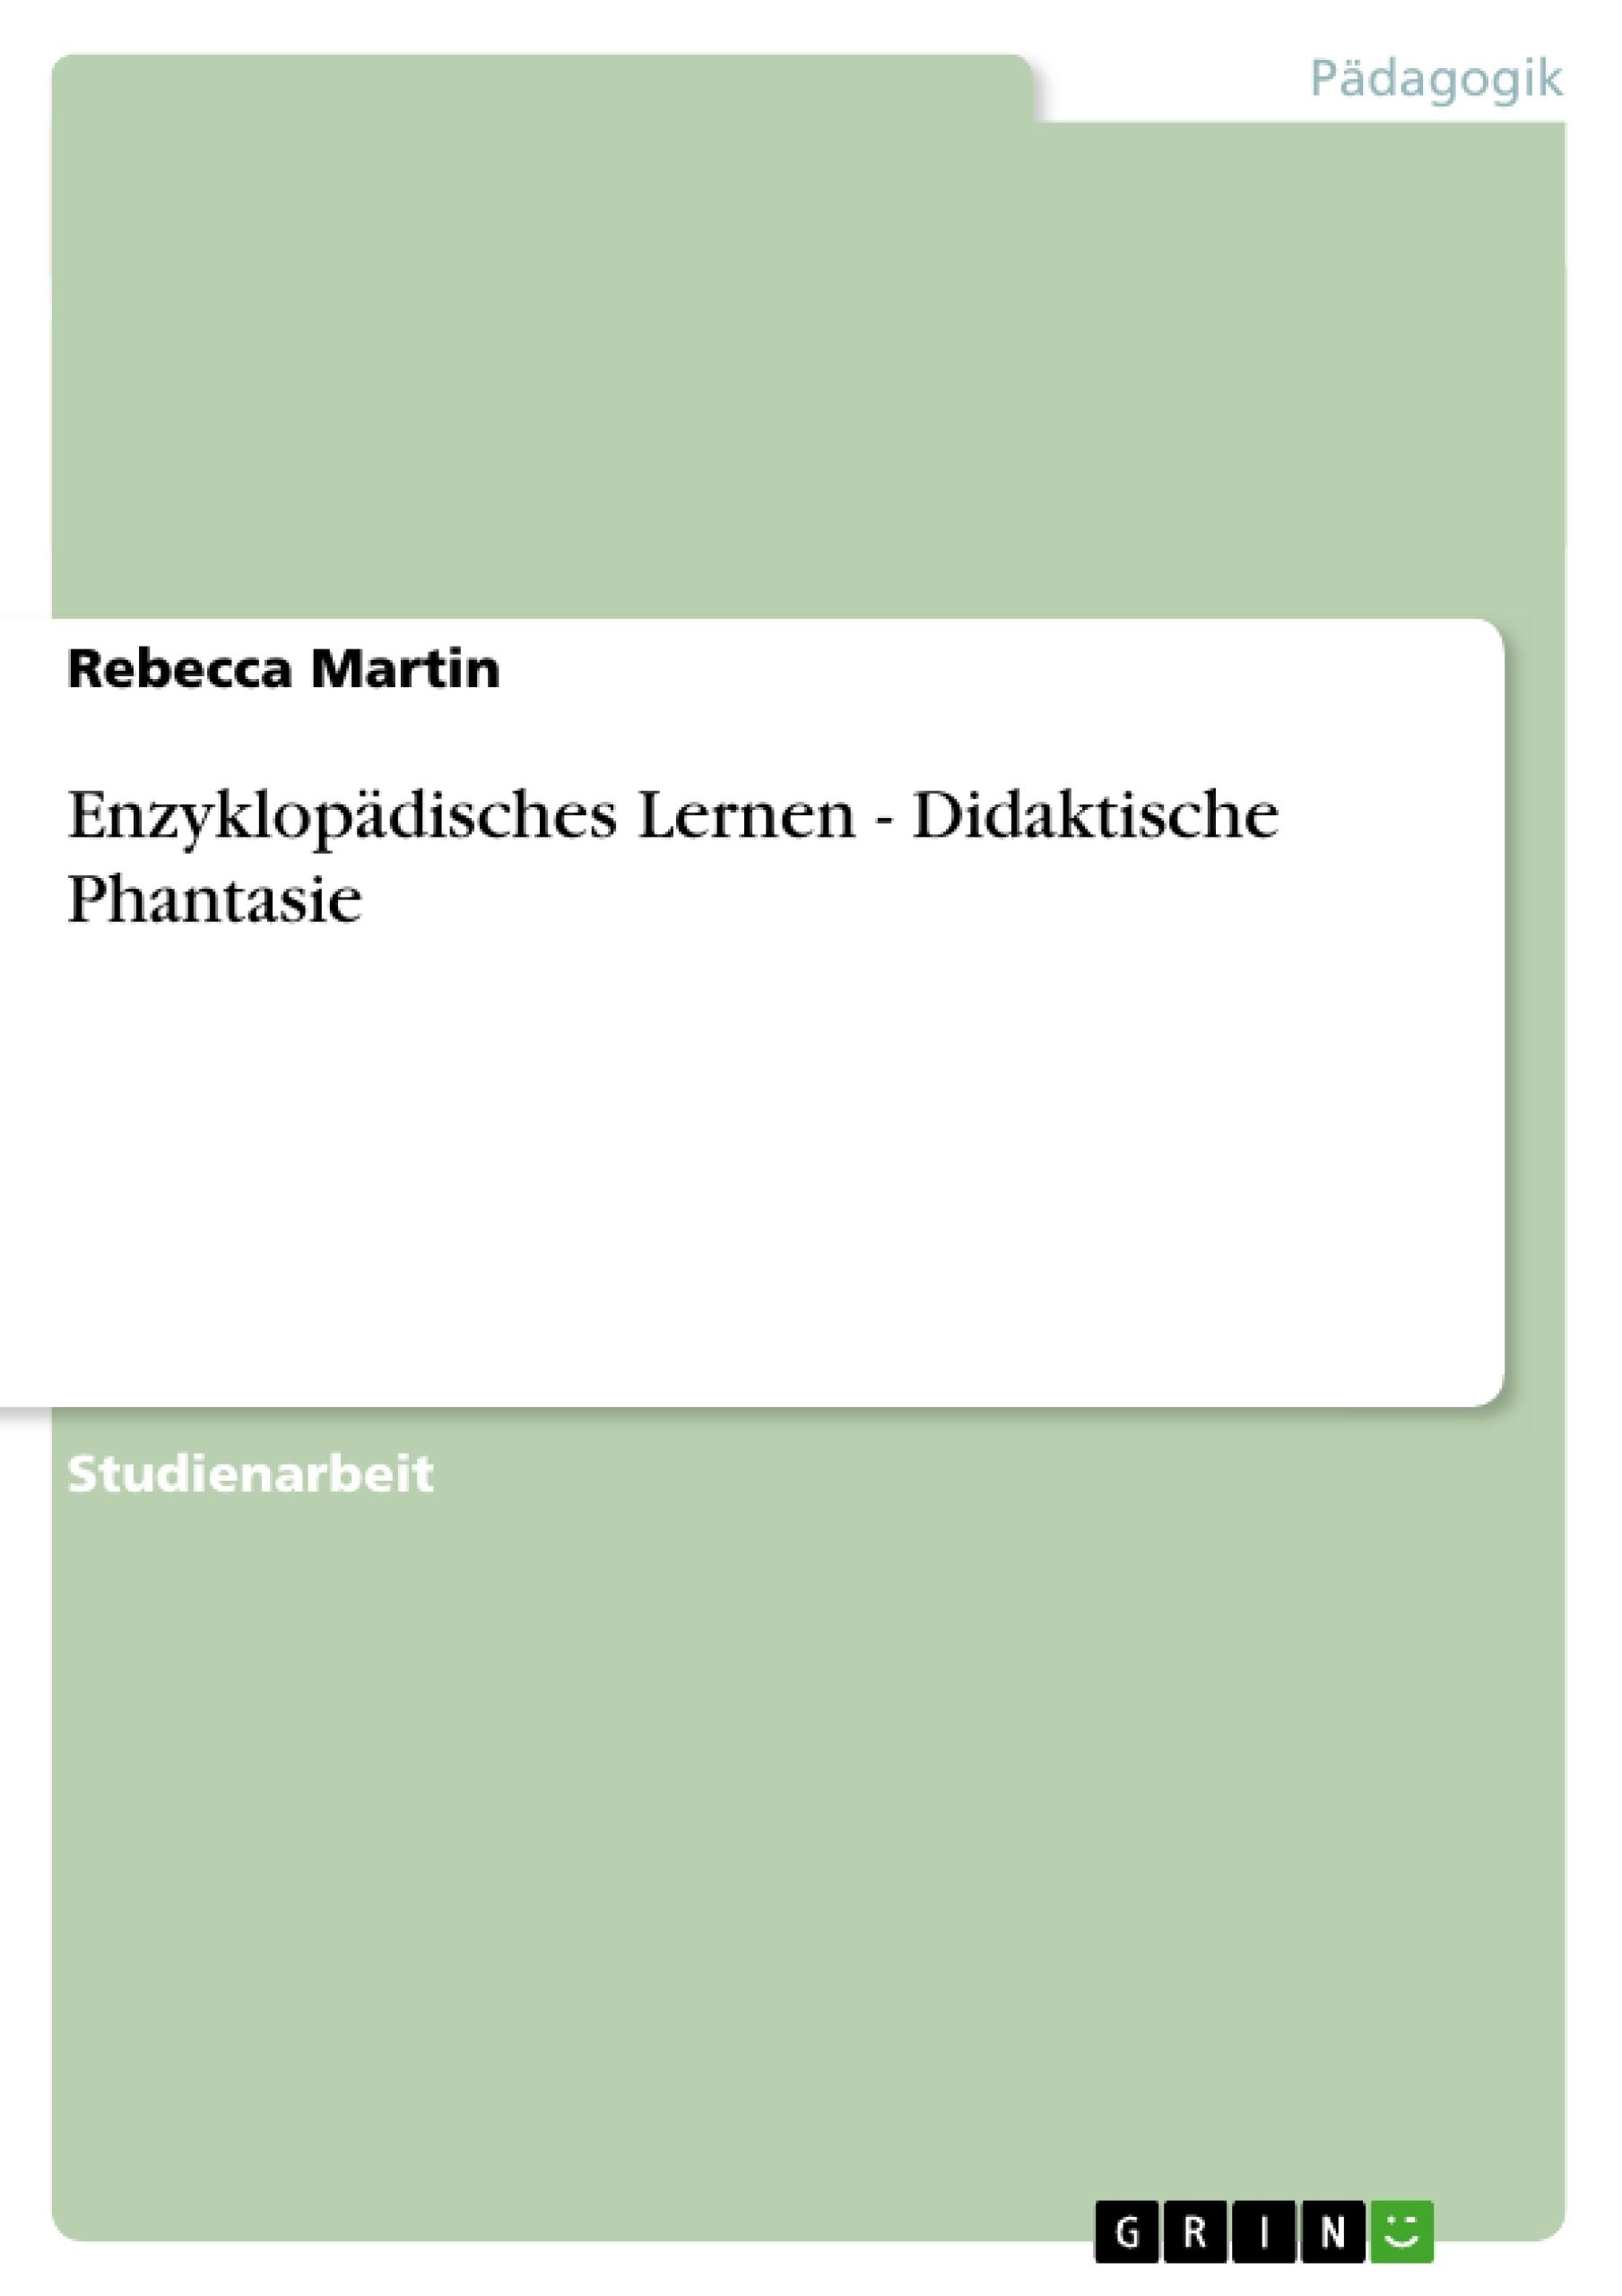 Titel: Enzyklopädisches Lernen - Didaktische Phantasie